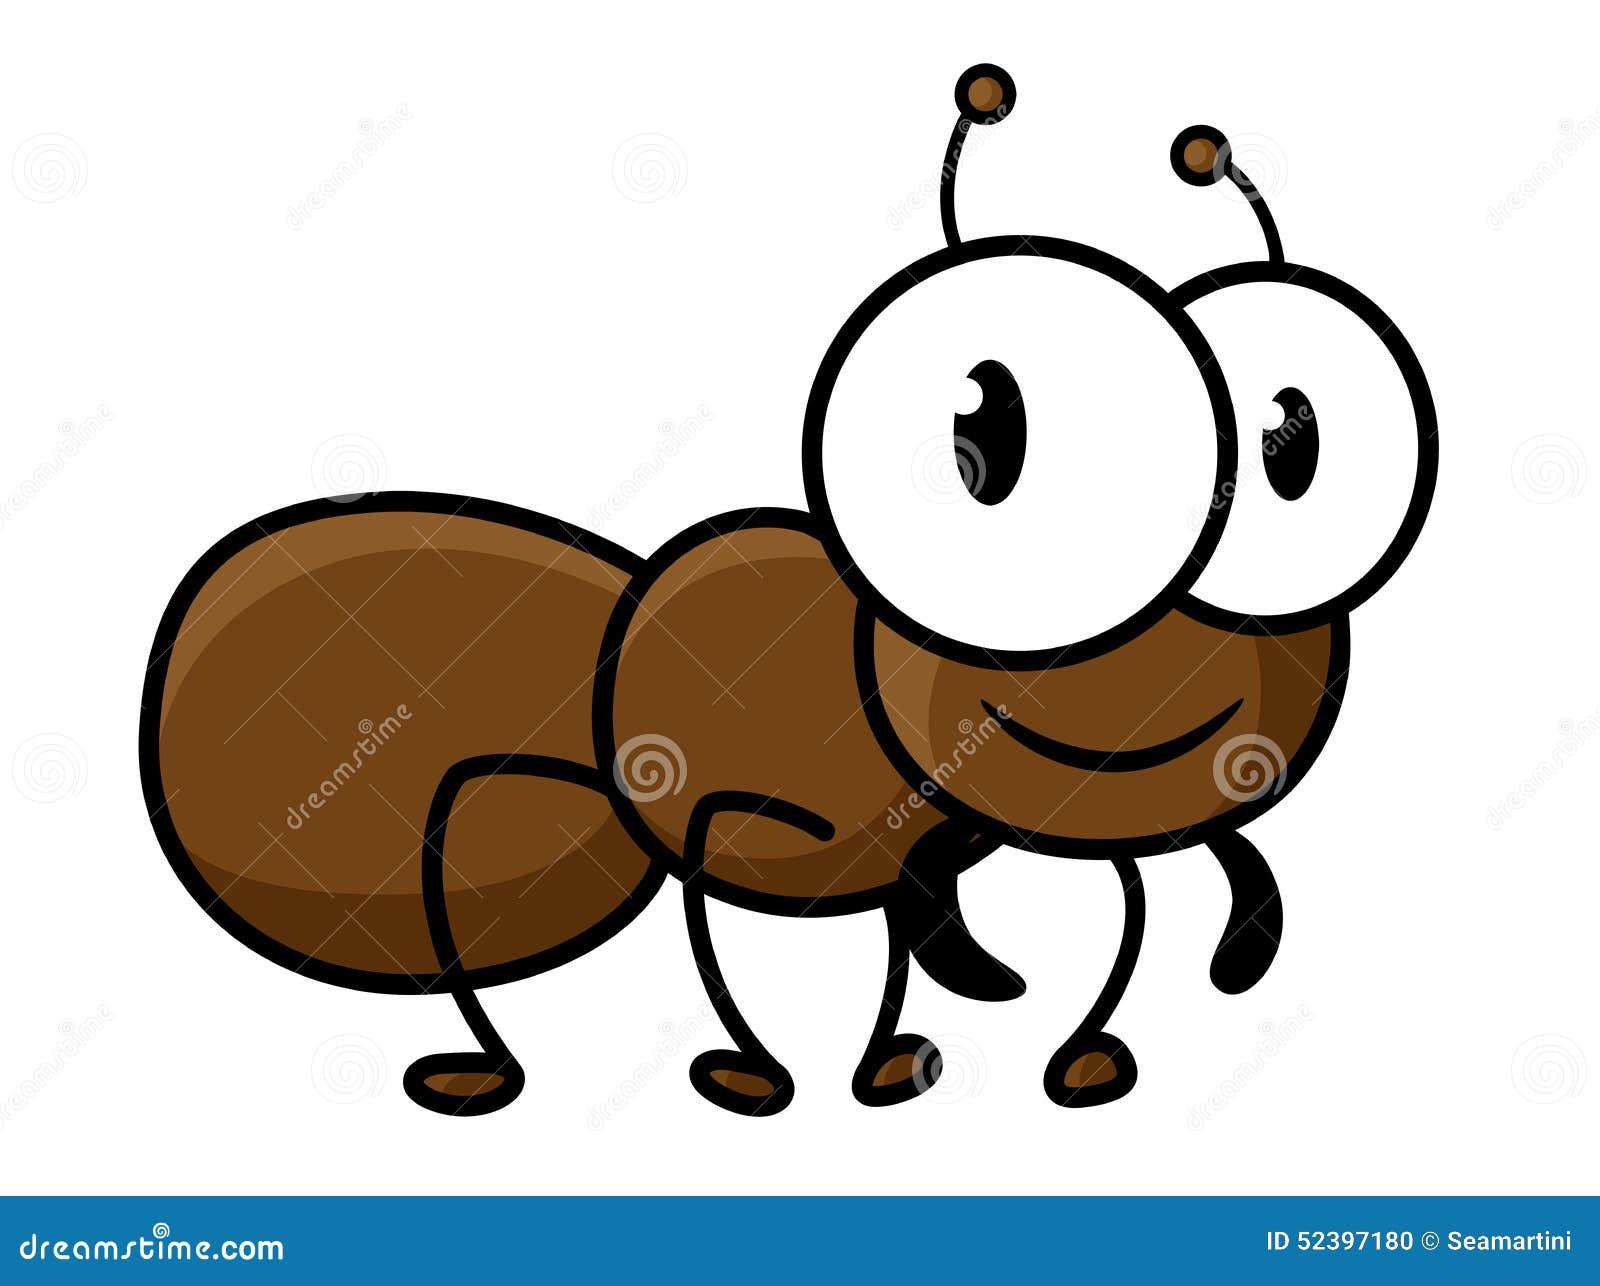 与滑稽的短的腿的逗人喜爱的矮小的棕色蚂蚁在幼稚装饰的白色背景隔绝图片